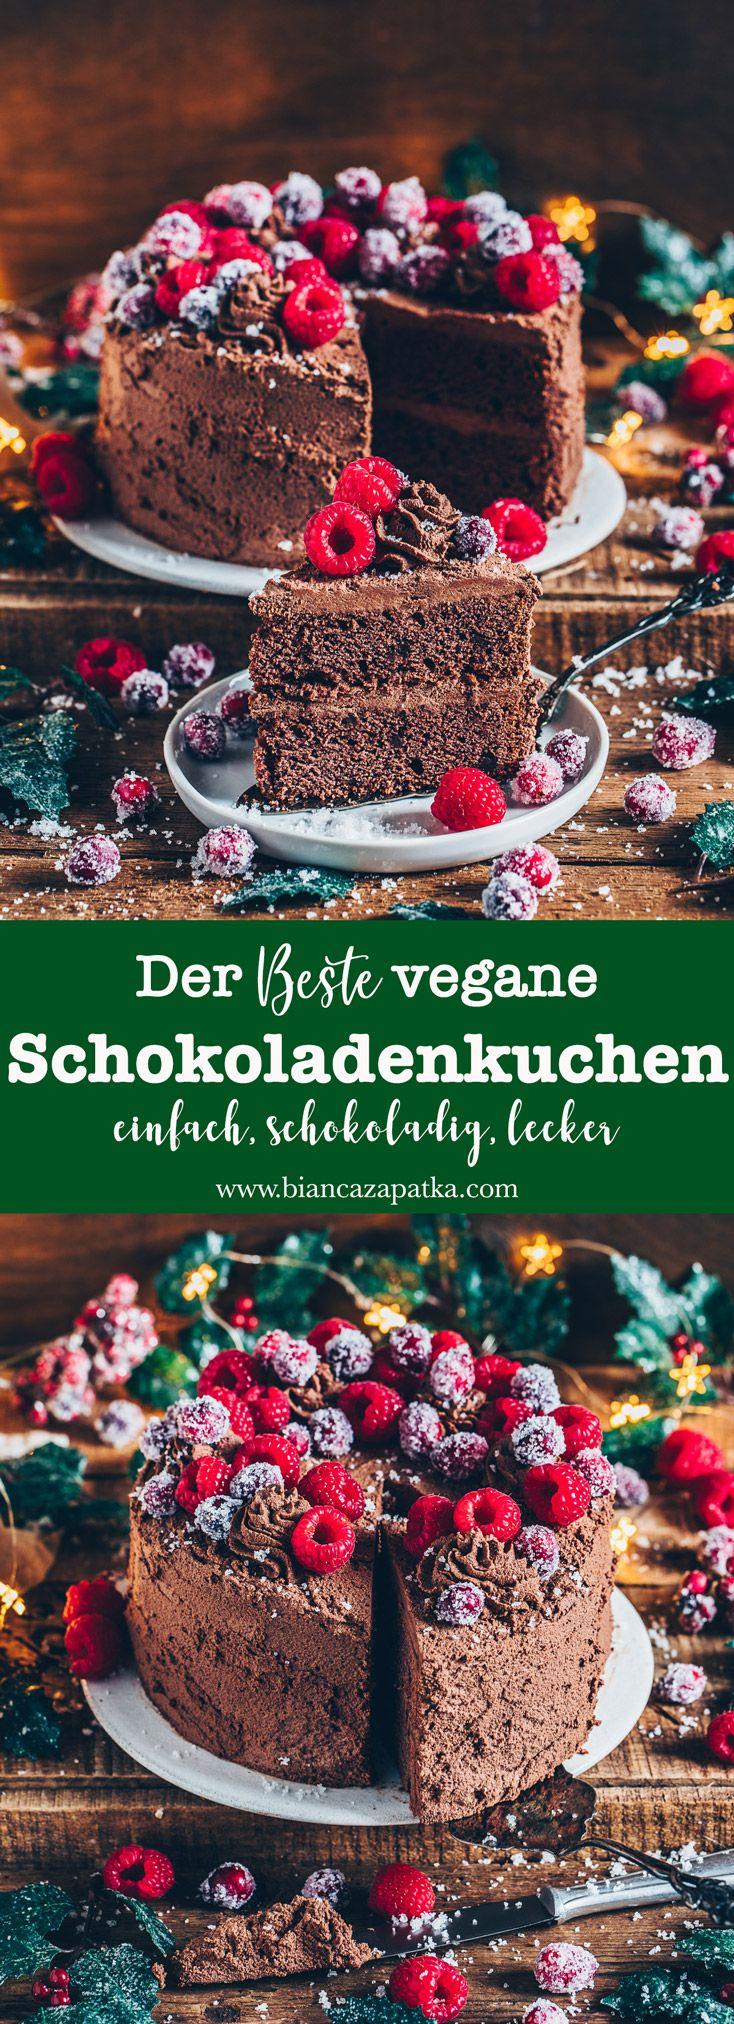 Veganer Schokoladenkuchen (Das beste Rezept) - Bianca Zapatka   Rezepte